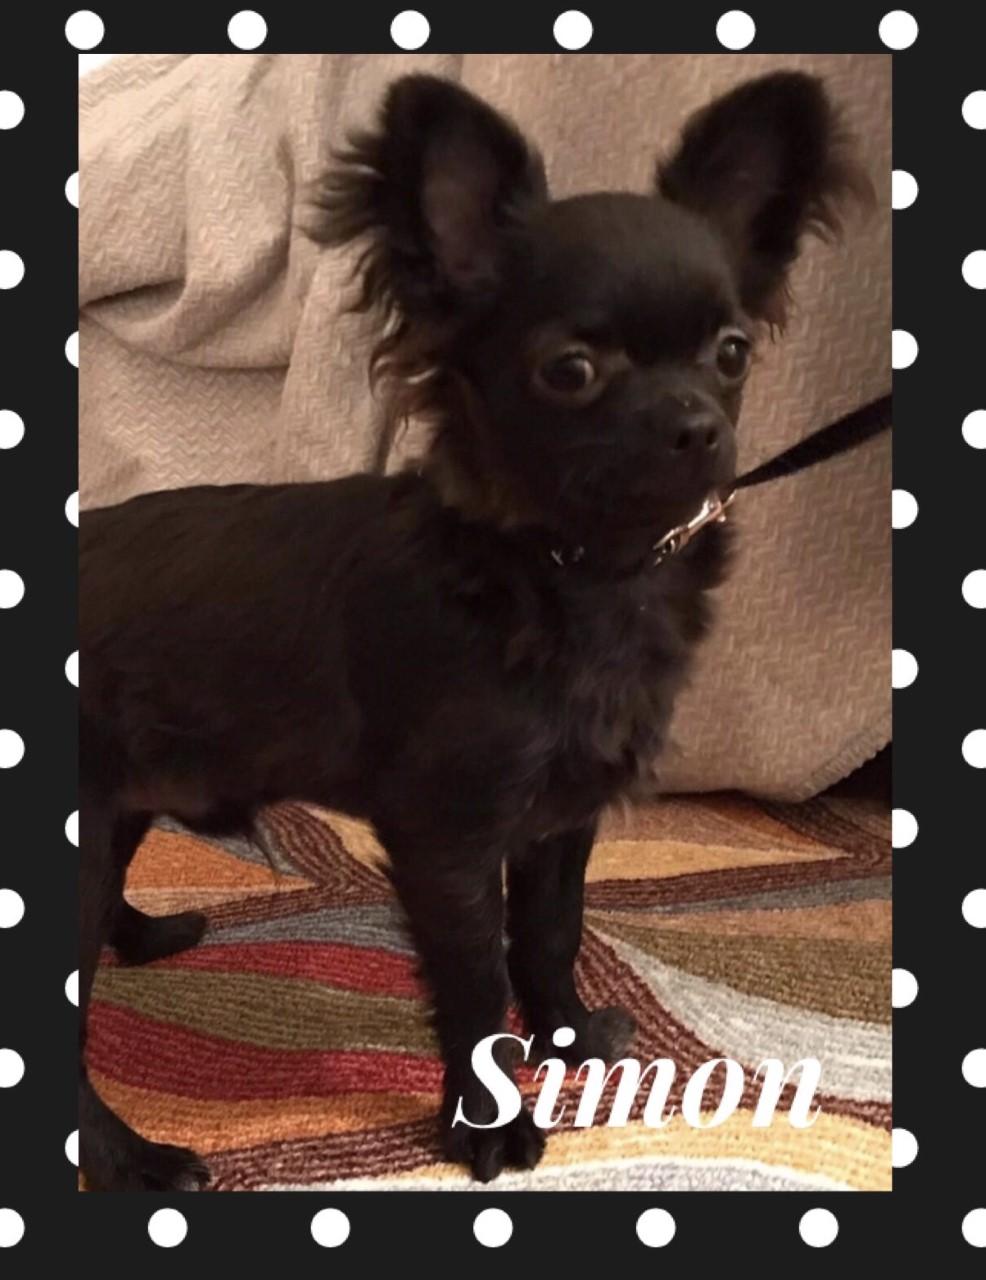 simon_says